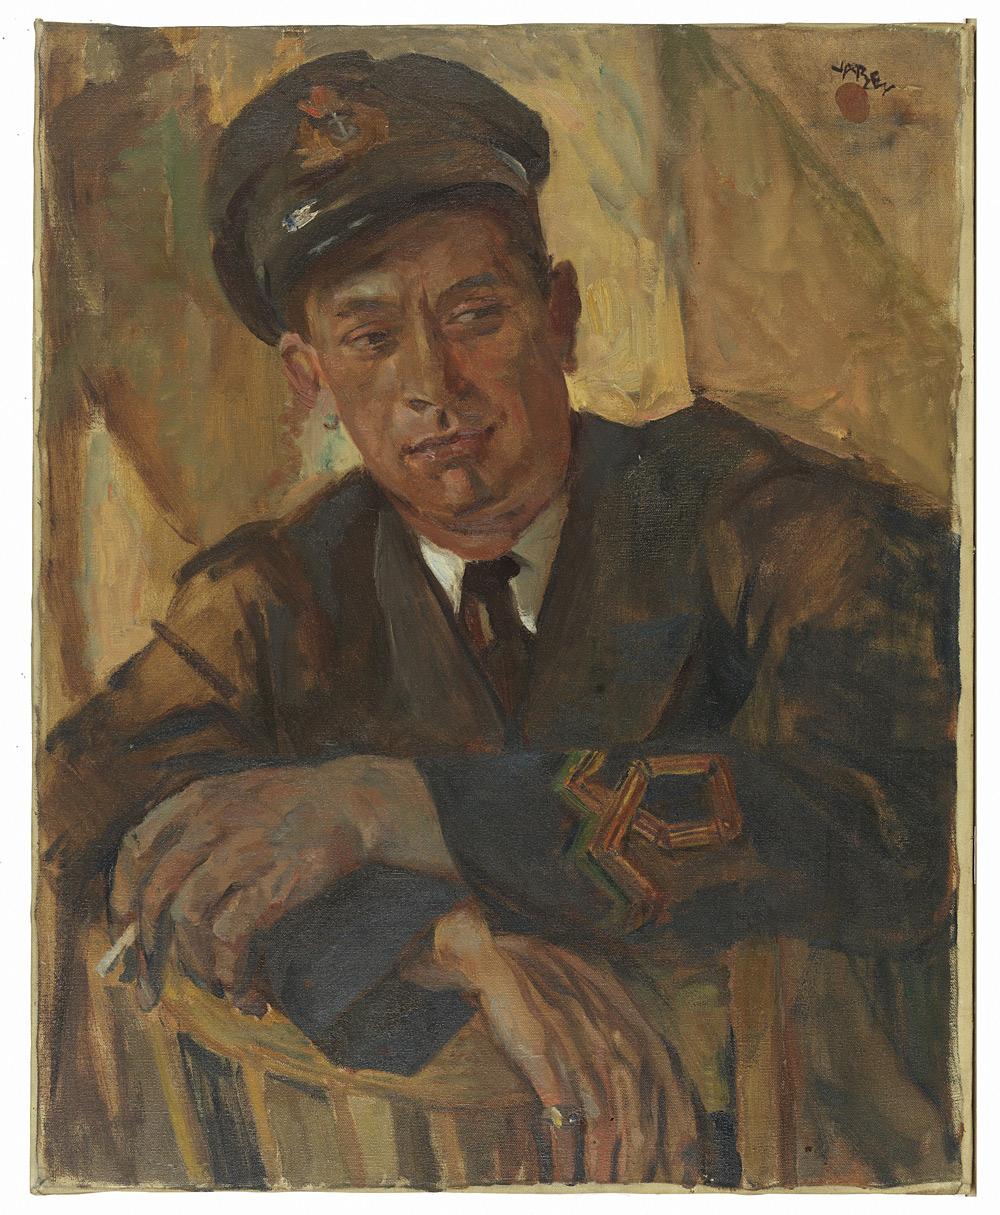 Portrait d'un officier de marine, Harry Kelman